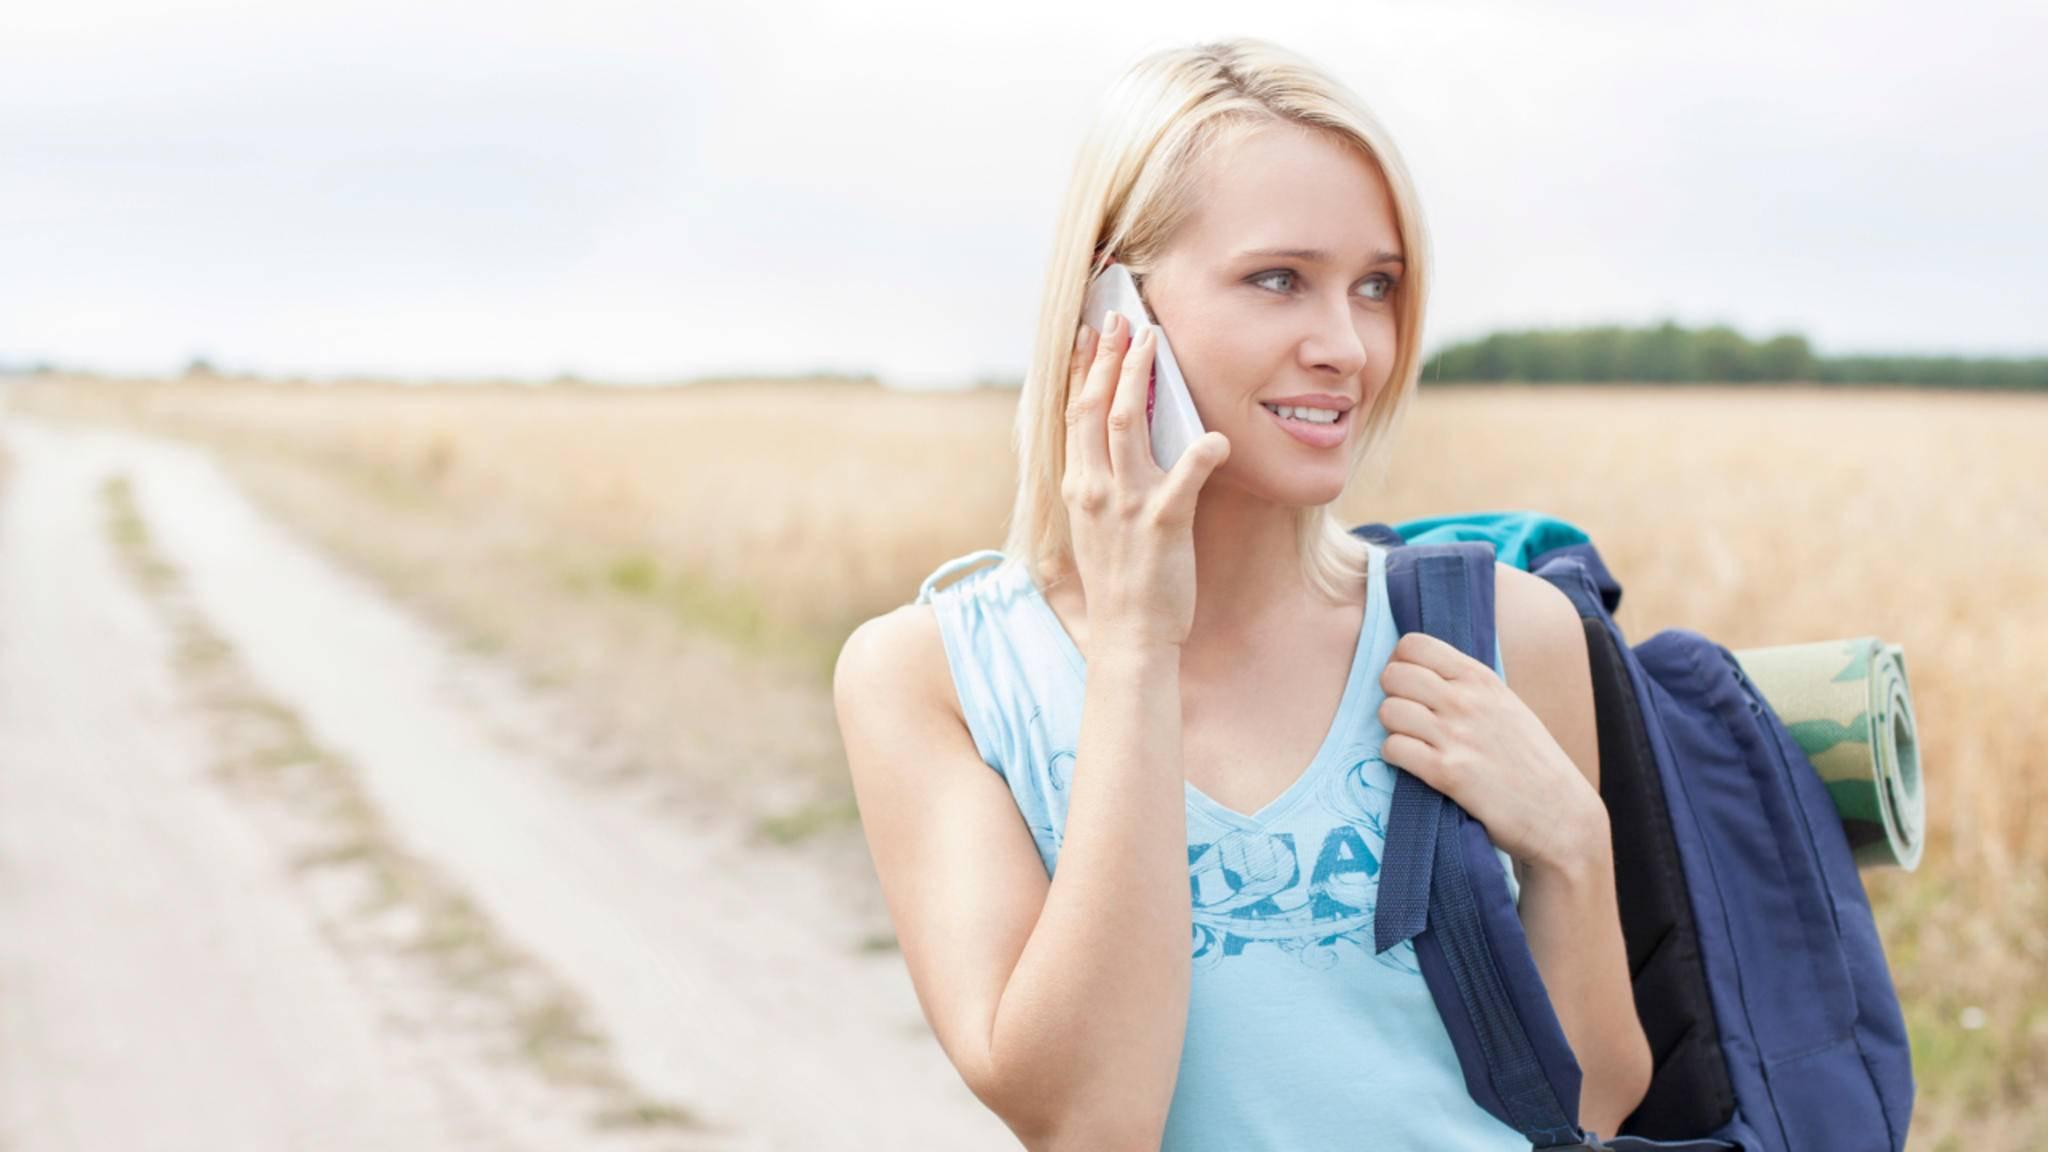 So einfach können Anrufe mit dem iPhone aufgenommen werden.